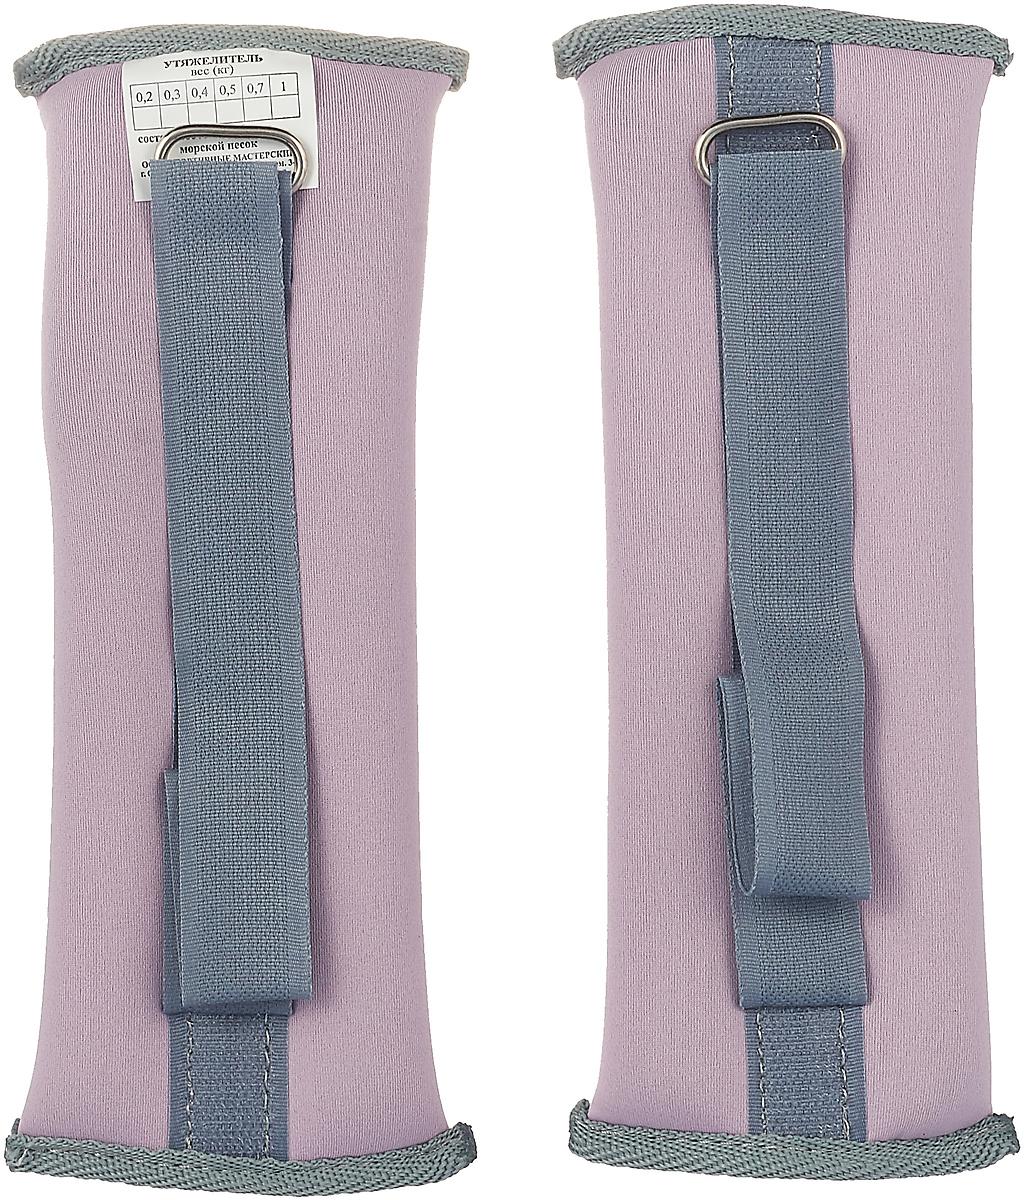 Утяжелитель спортивный Indigo Неопреновые, цвет: сиреневый, 0,3 кг, 2 шт утяжелитель браслет для рук indigo цвет фиолетовый 0 1 кг 2 шт